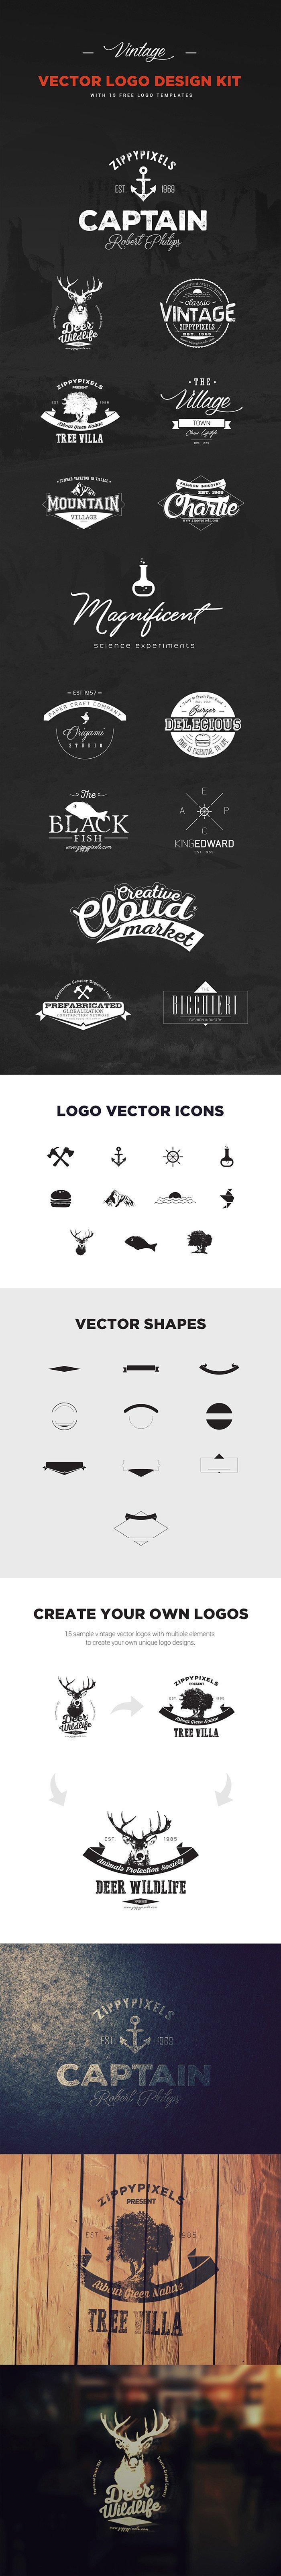 Vintage Logo Kit (.Ai) скачать бесплатно